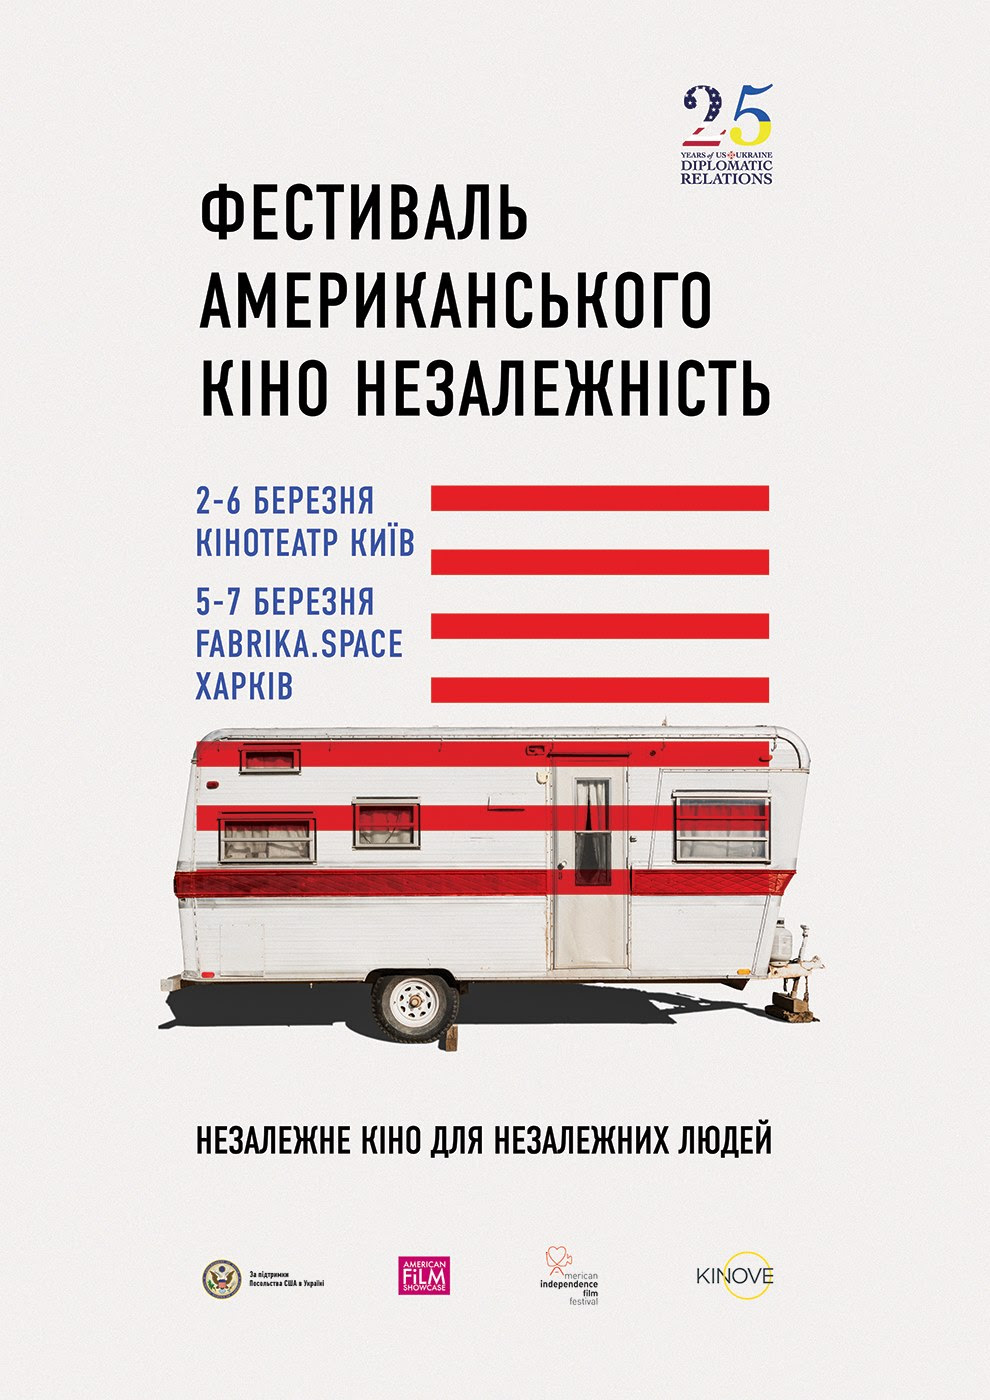 Фестиваль американского кино Независимость